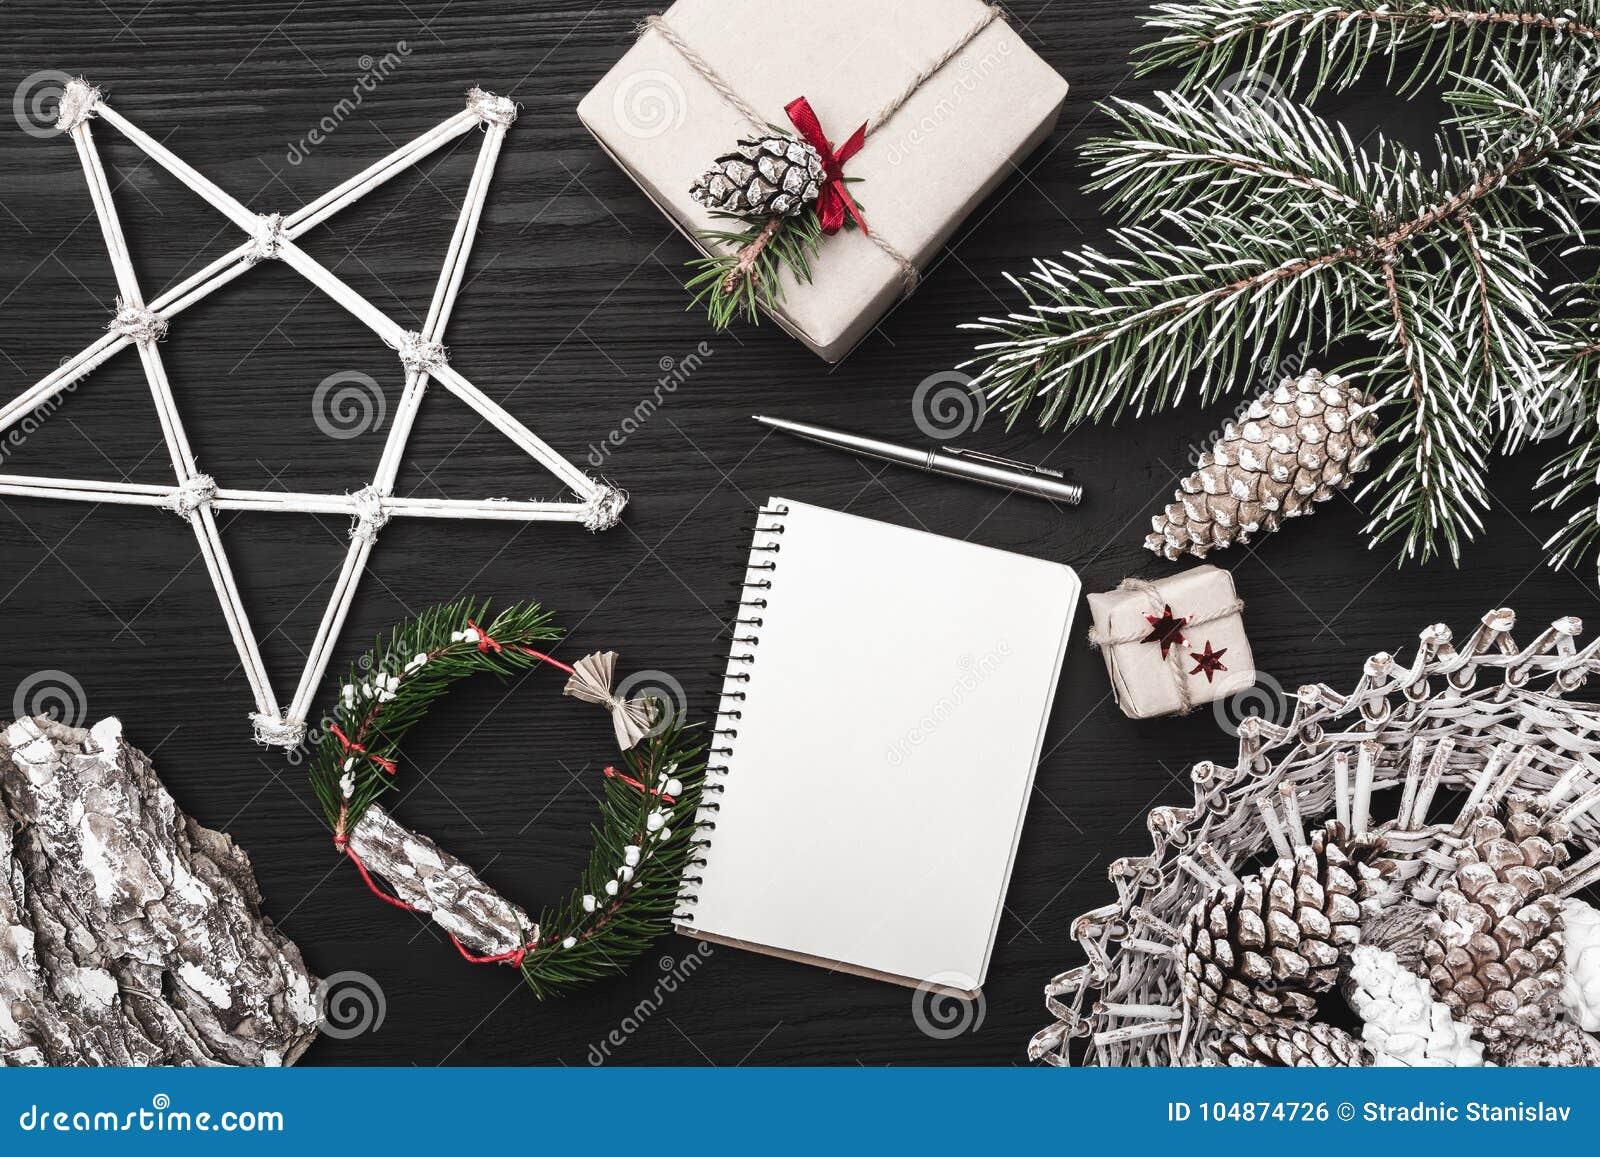 Τα συγχαρητήρια στις χειμερινές διακοπές, ένα δέντρο έλατου με τον κώνο, διακόσμησαν καλλιτεχνικά τα διακοσμητικά αντικείμενα